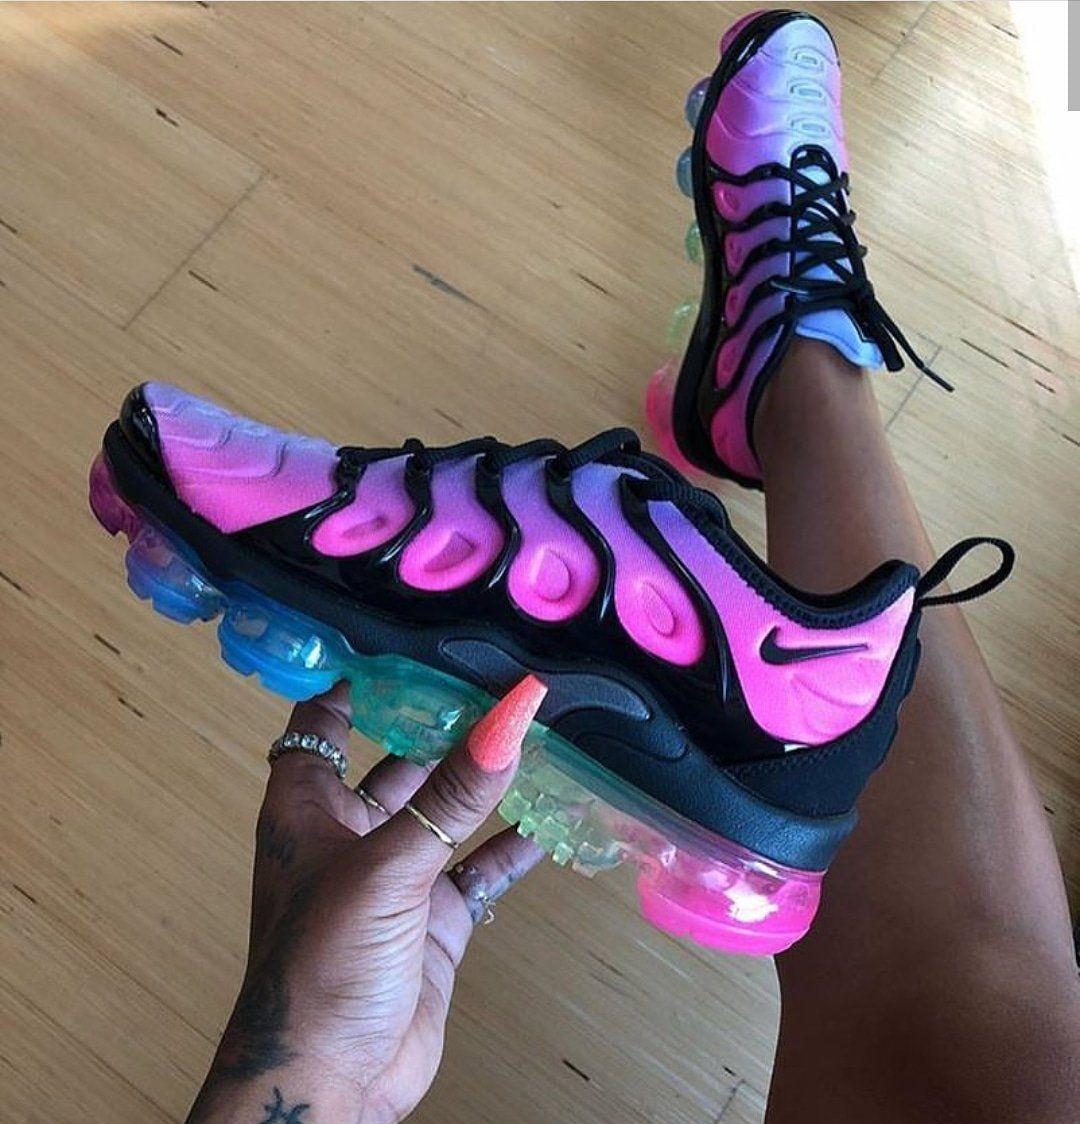 402683d3b2 Vapormax Plus Rainbow Passion – Simply Boutiq 123 | Shoes | Shoes ...